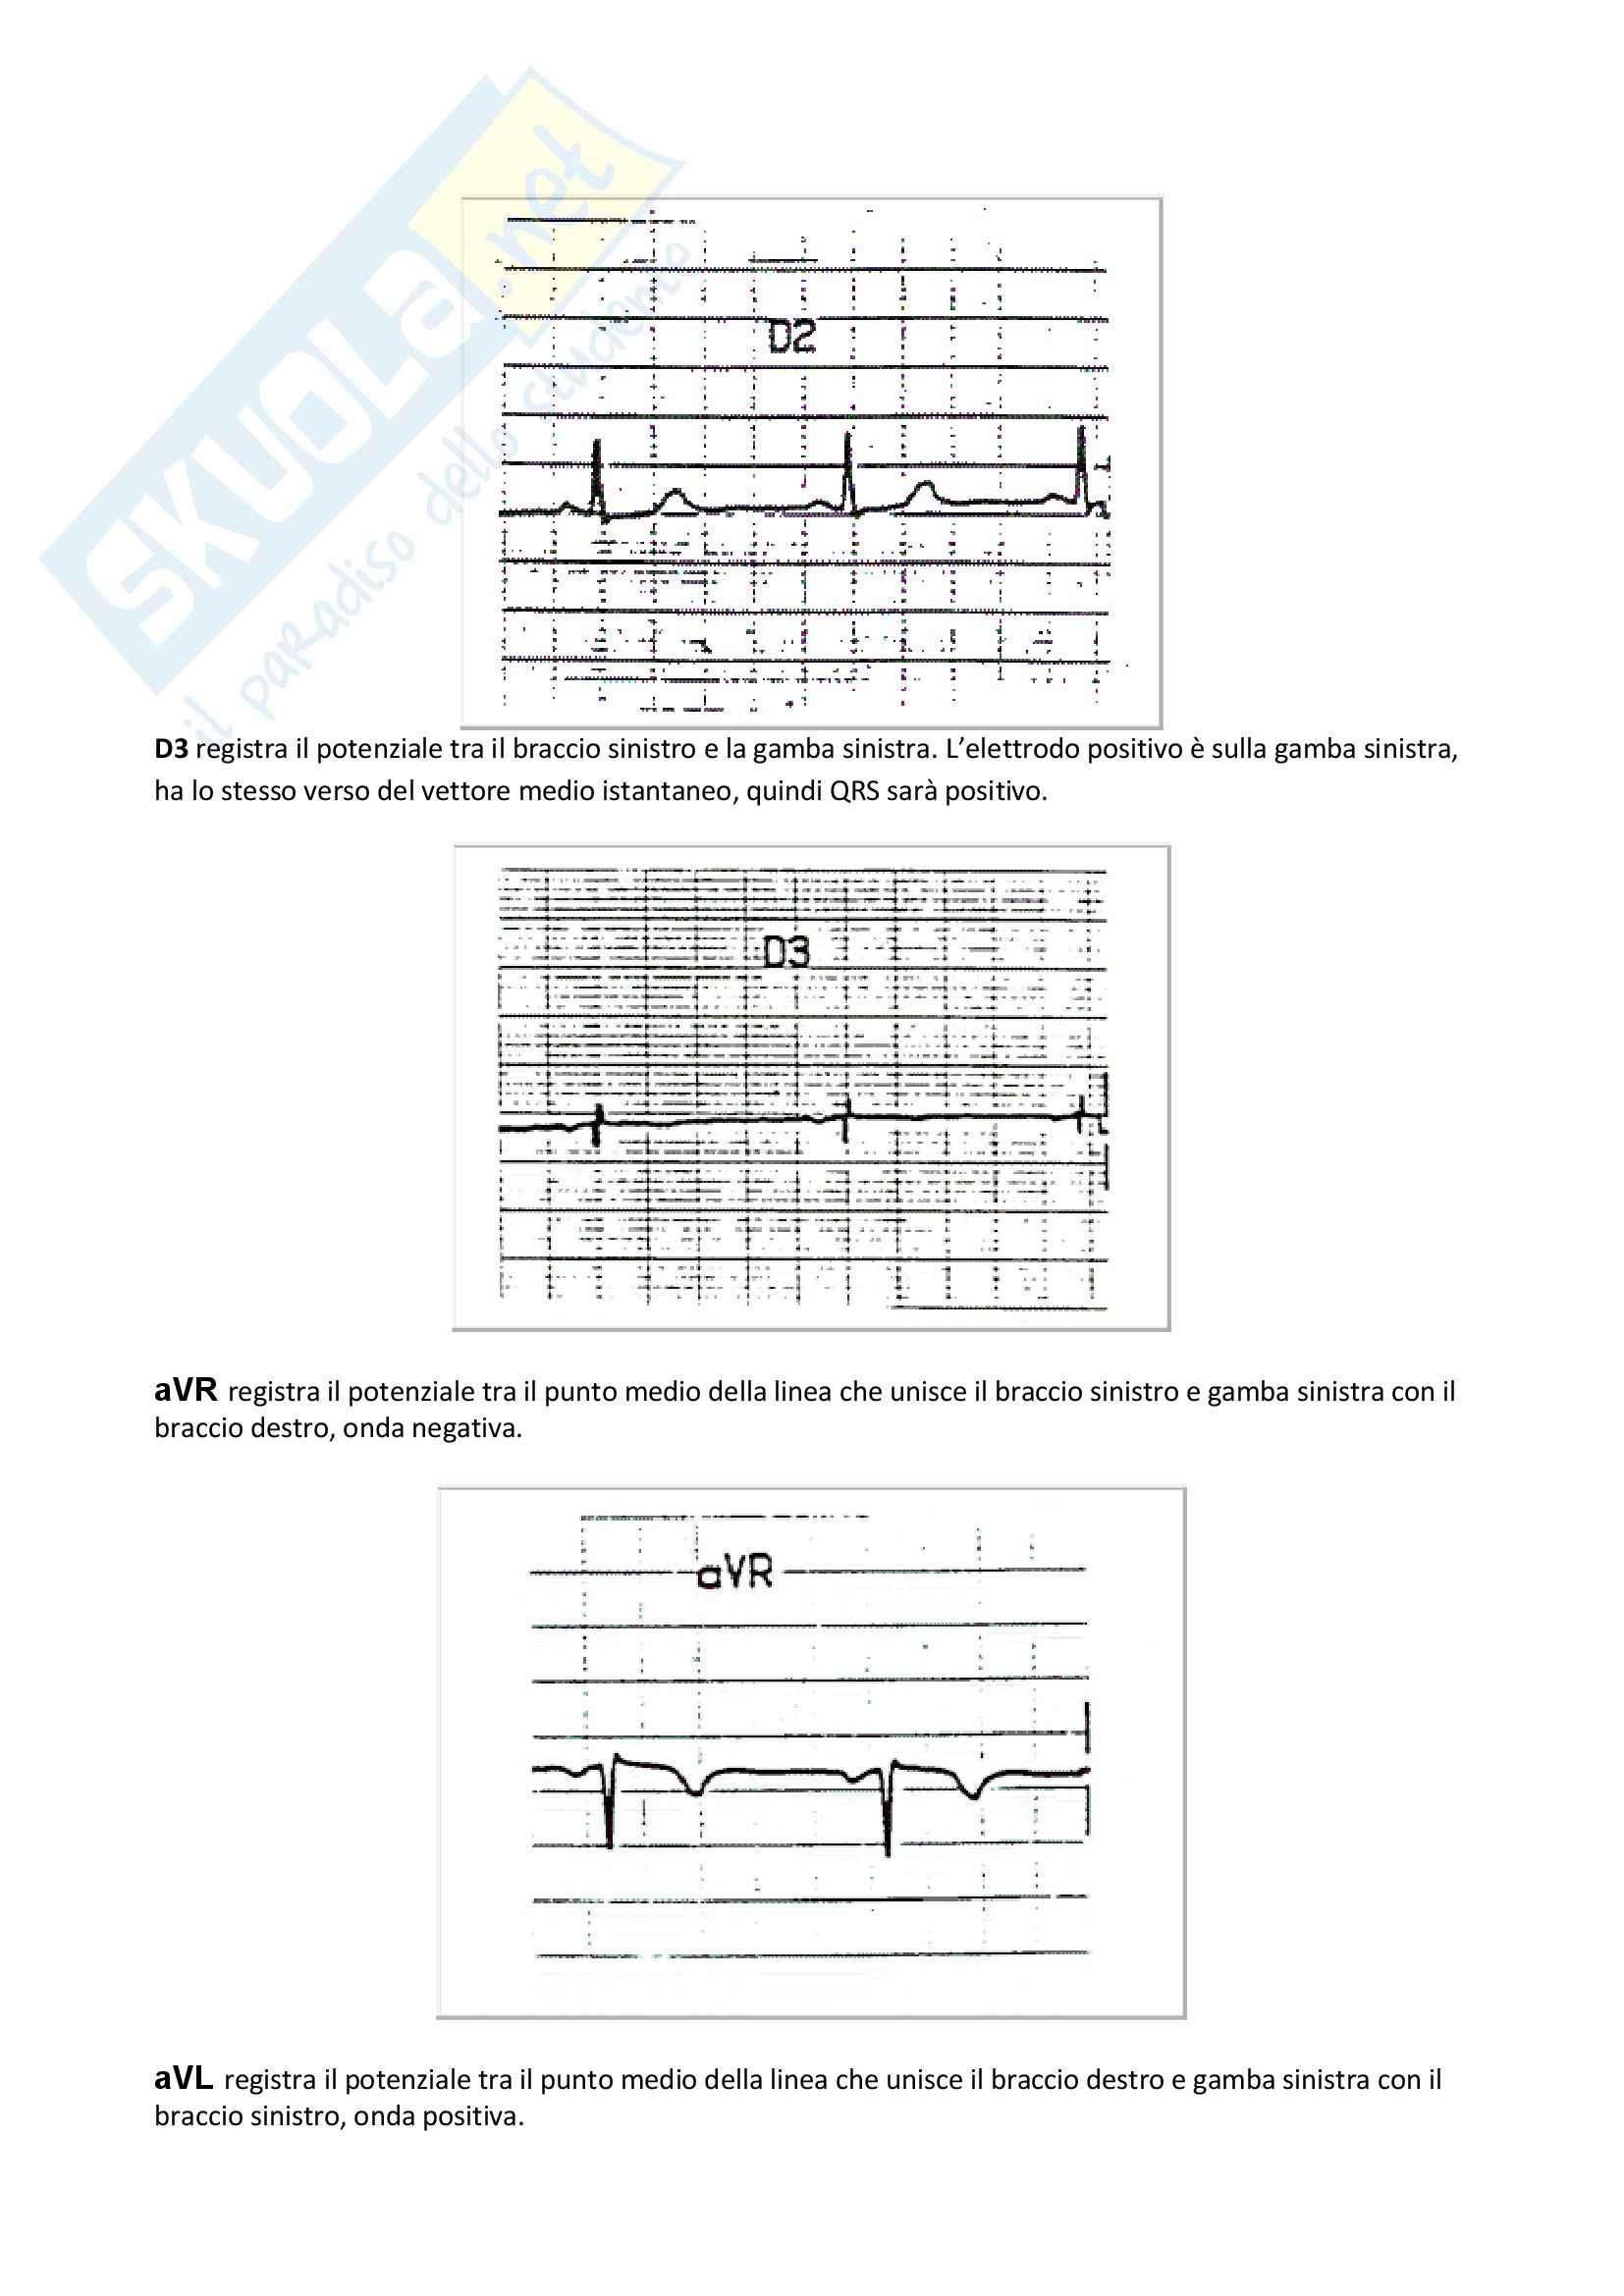 Fisiologia umana I - ECG Pag. 2